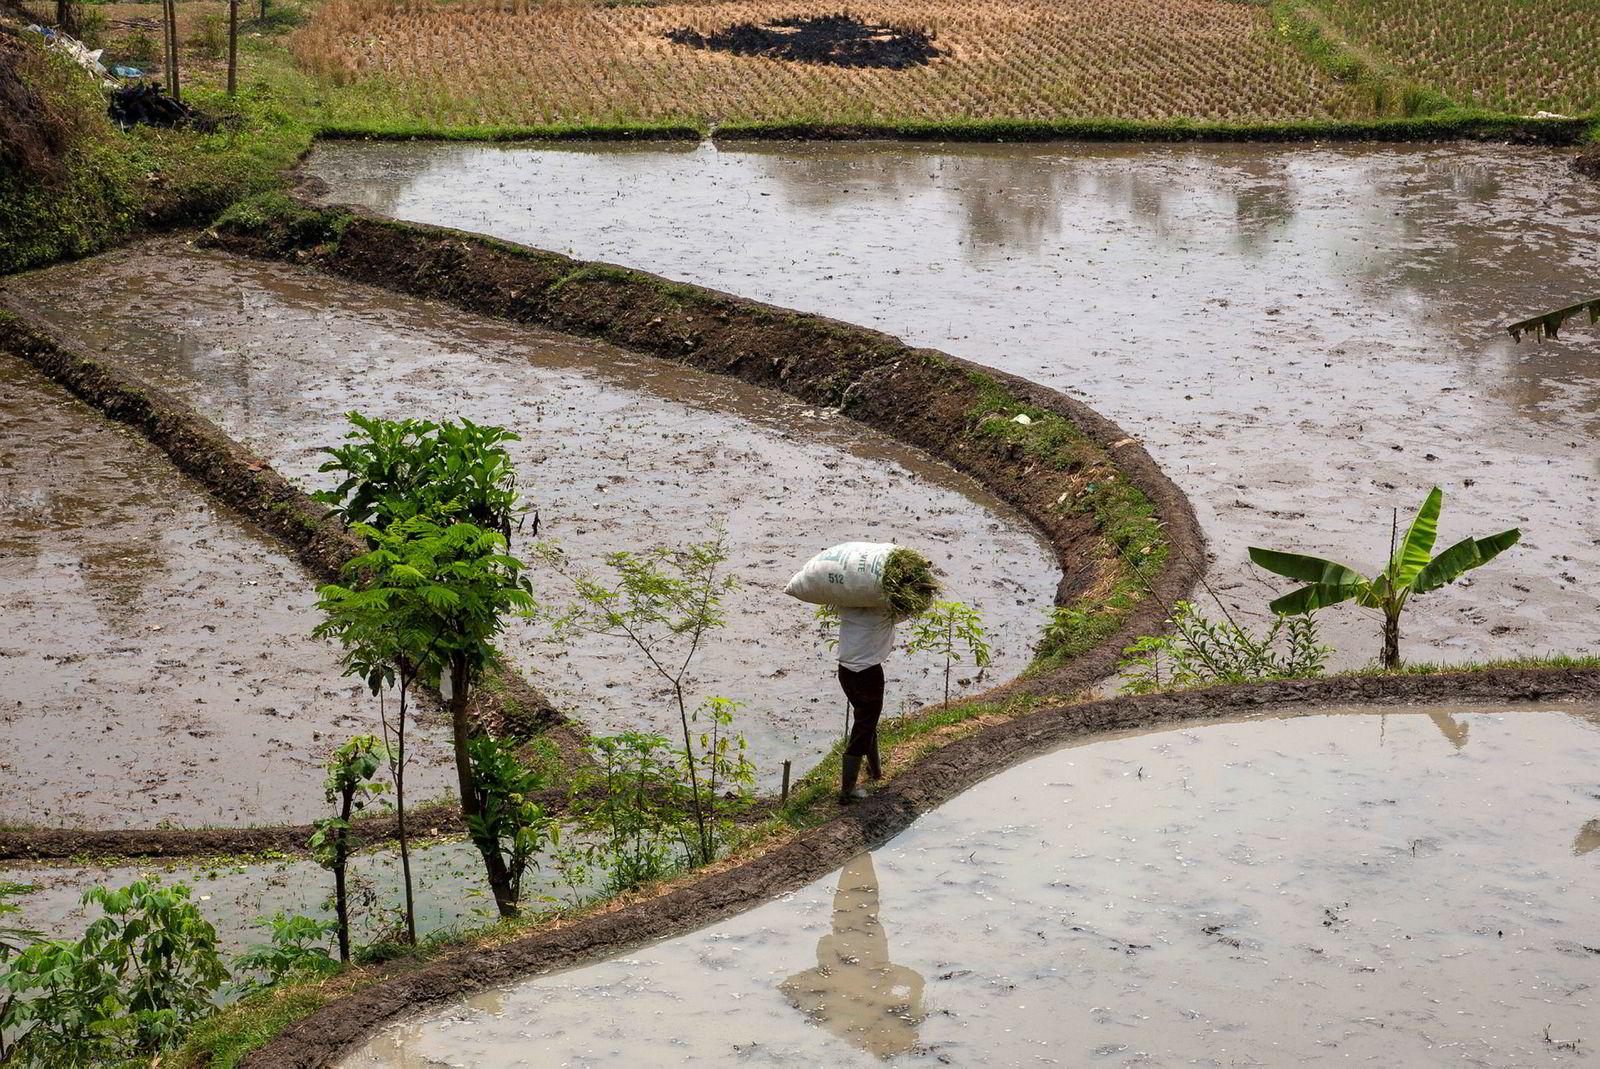 En bonde jobber på rismarkene langs en tungt forurenset sideelv til Citarum-elven. Bøndene i området er helt avhengige av vann fra Citarum-vassdraget.